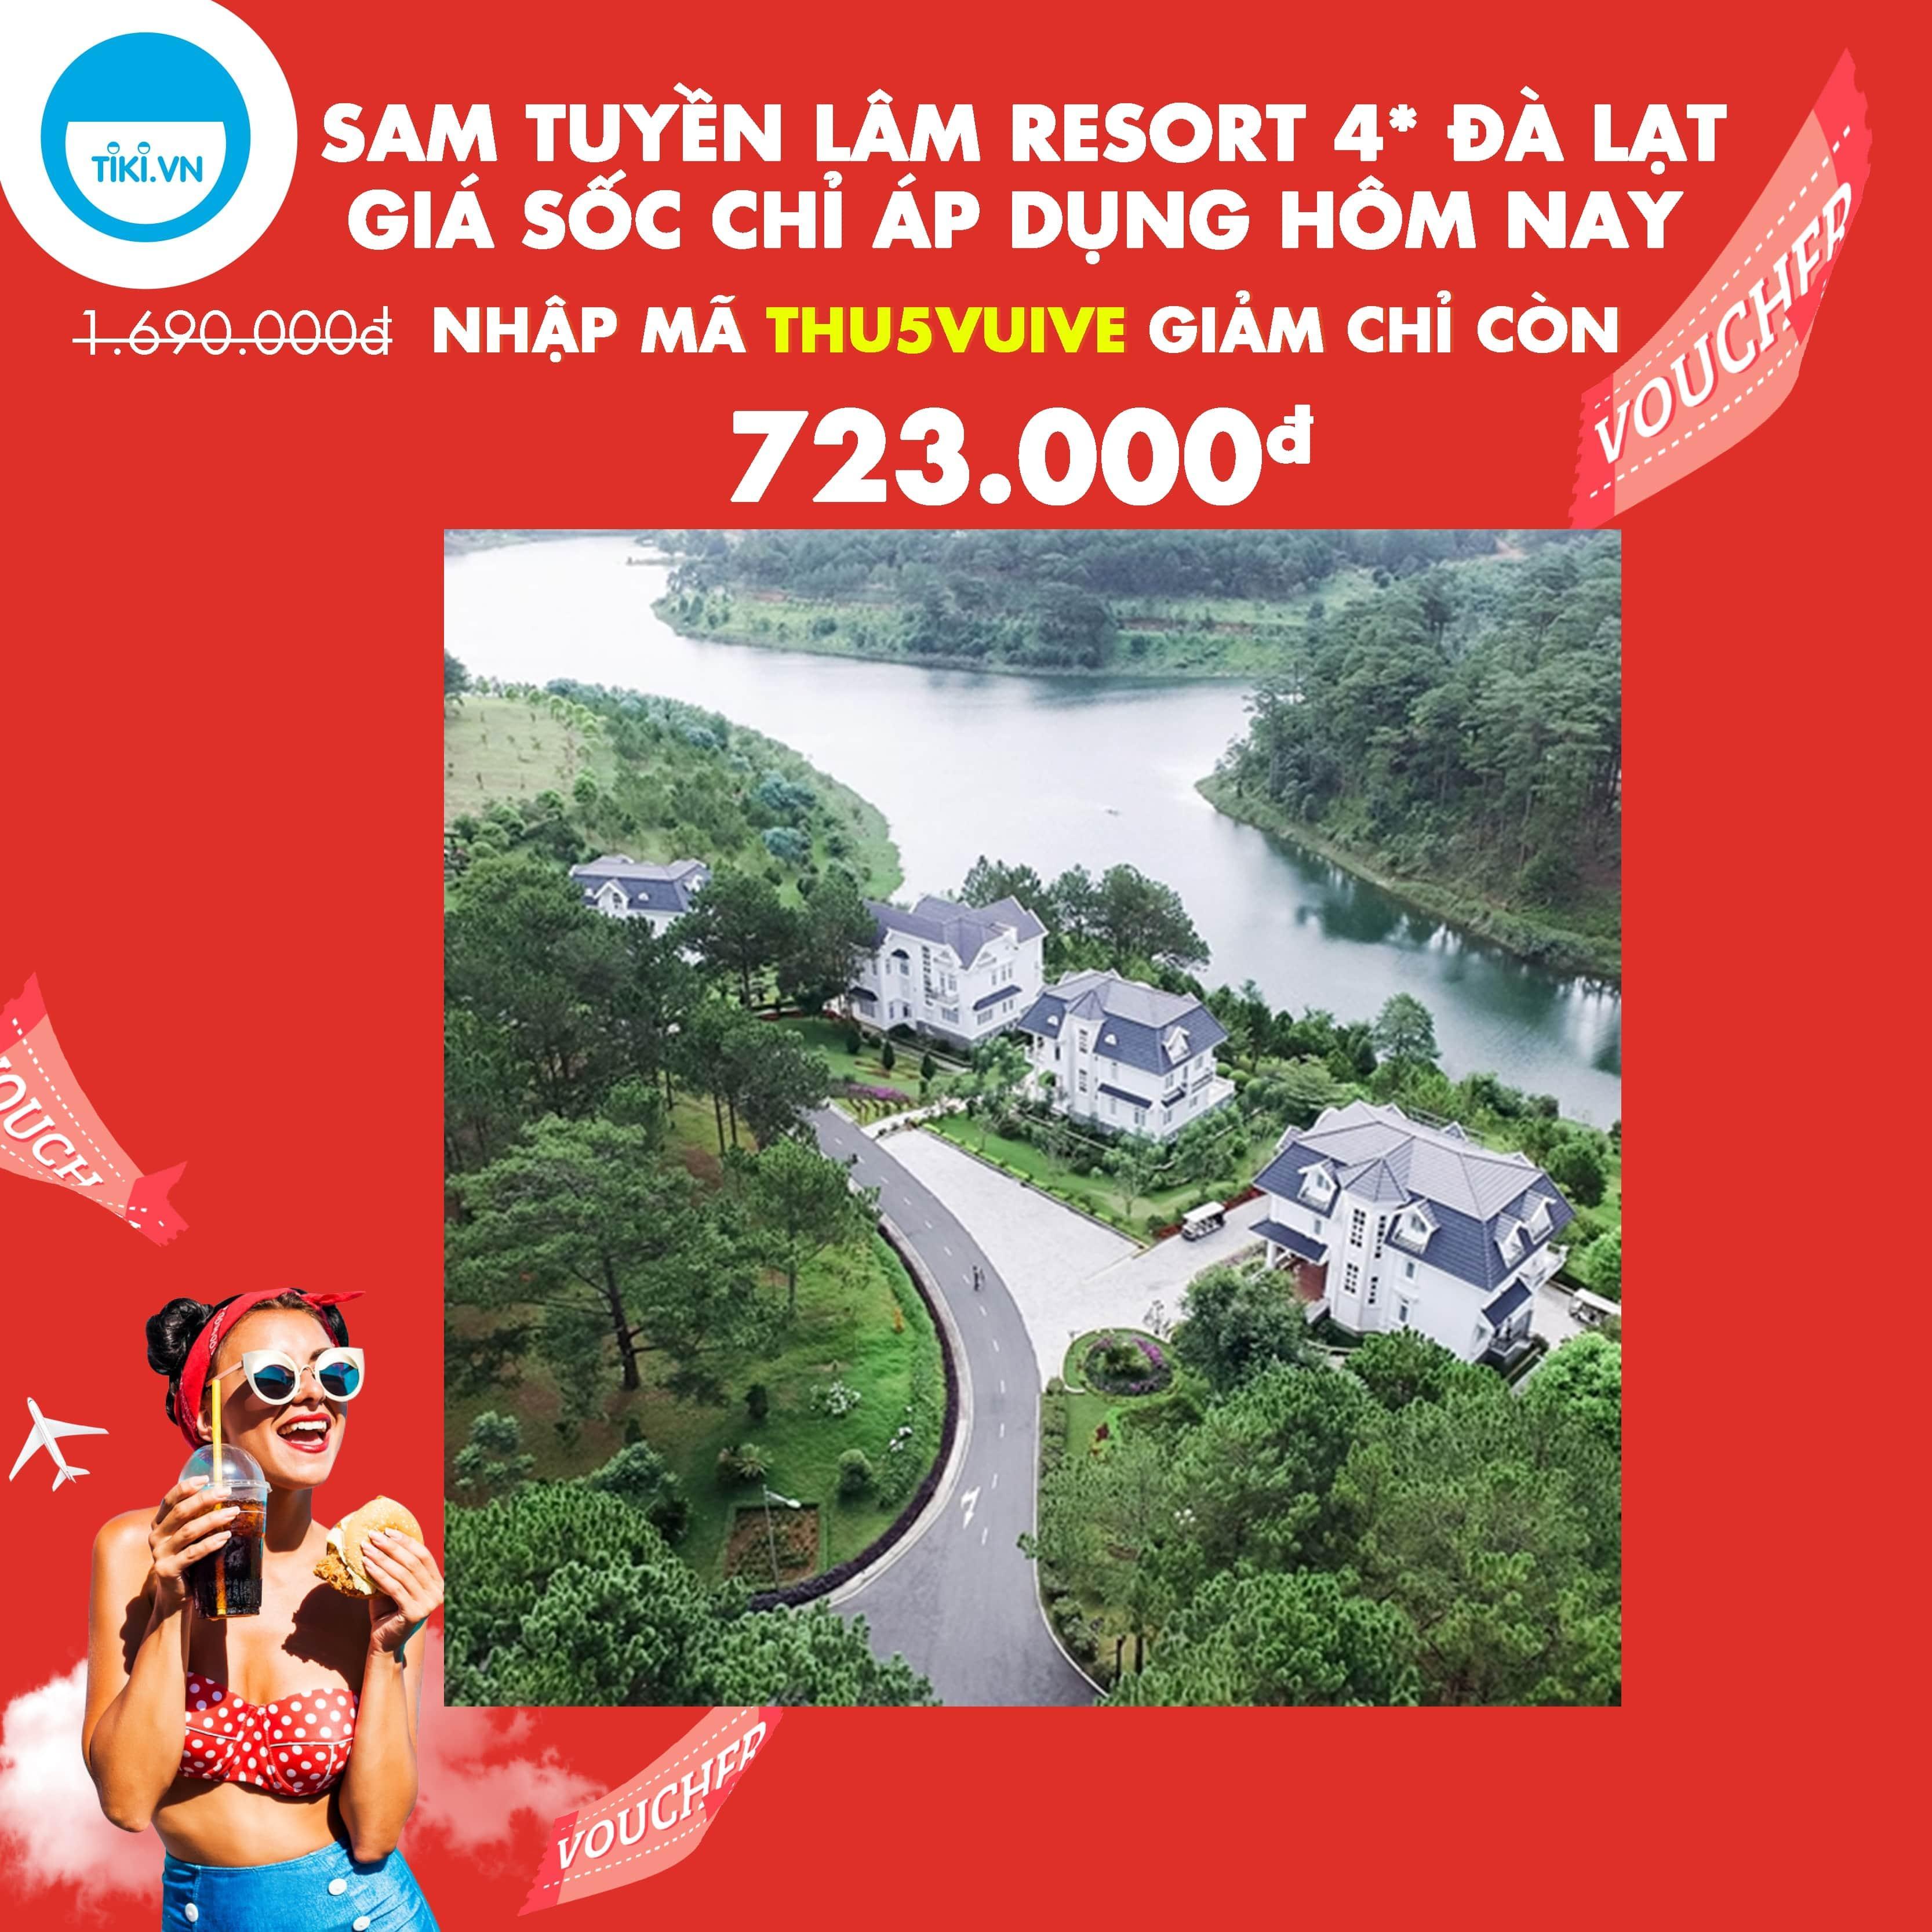 SAM Tuyền Lâm Resort Đà Lạt 4* - Giá Đặc Biệt, Buffet Sáng, Xe Đưa Đón